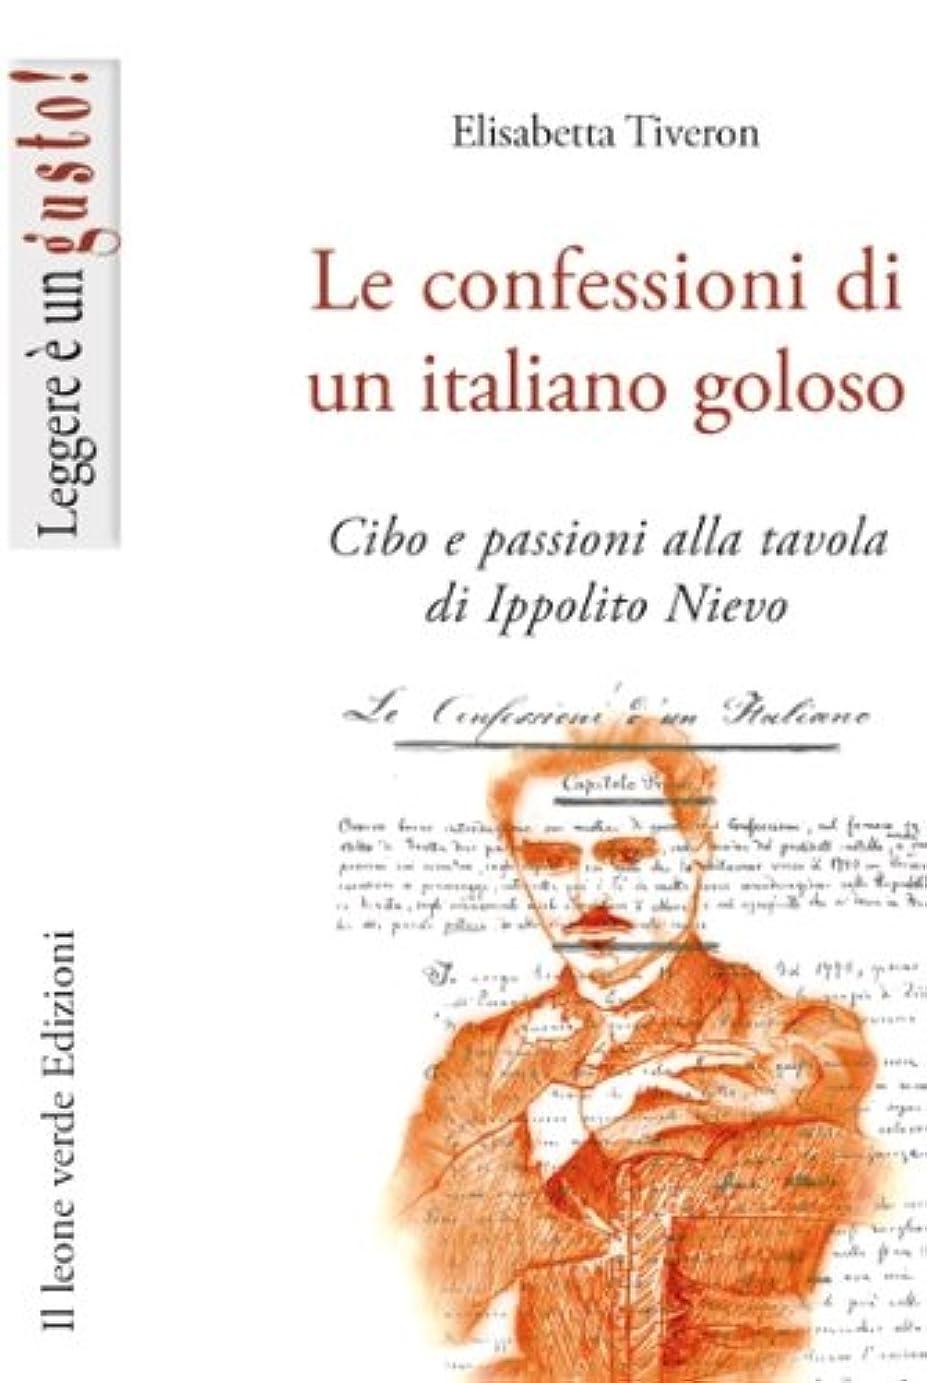 言う変換する所得Le confessioni di un italiano goloso: Cibo e passioni alla tavola di Ippolito Nievo (Leggere è un gusto Vol. 67) (Italian Edition)